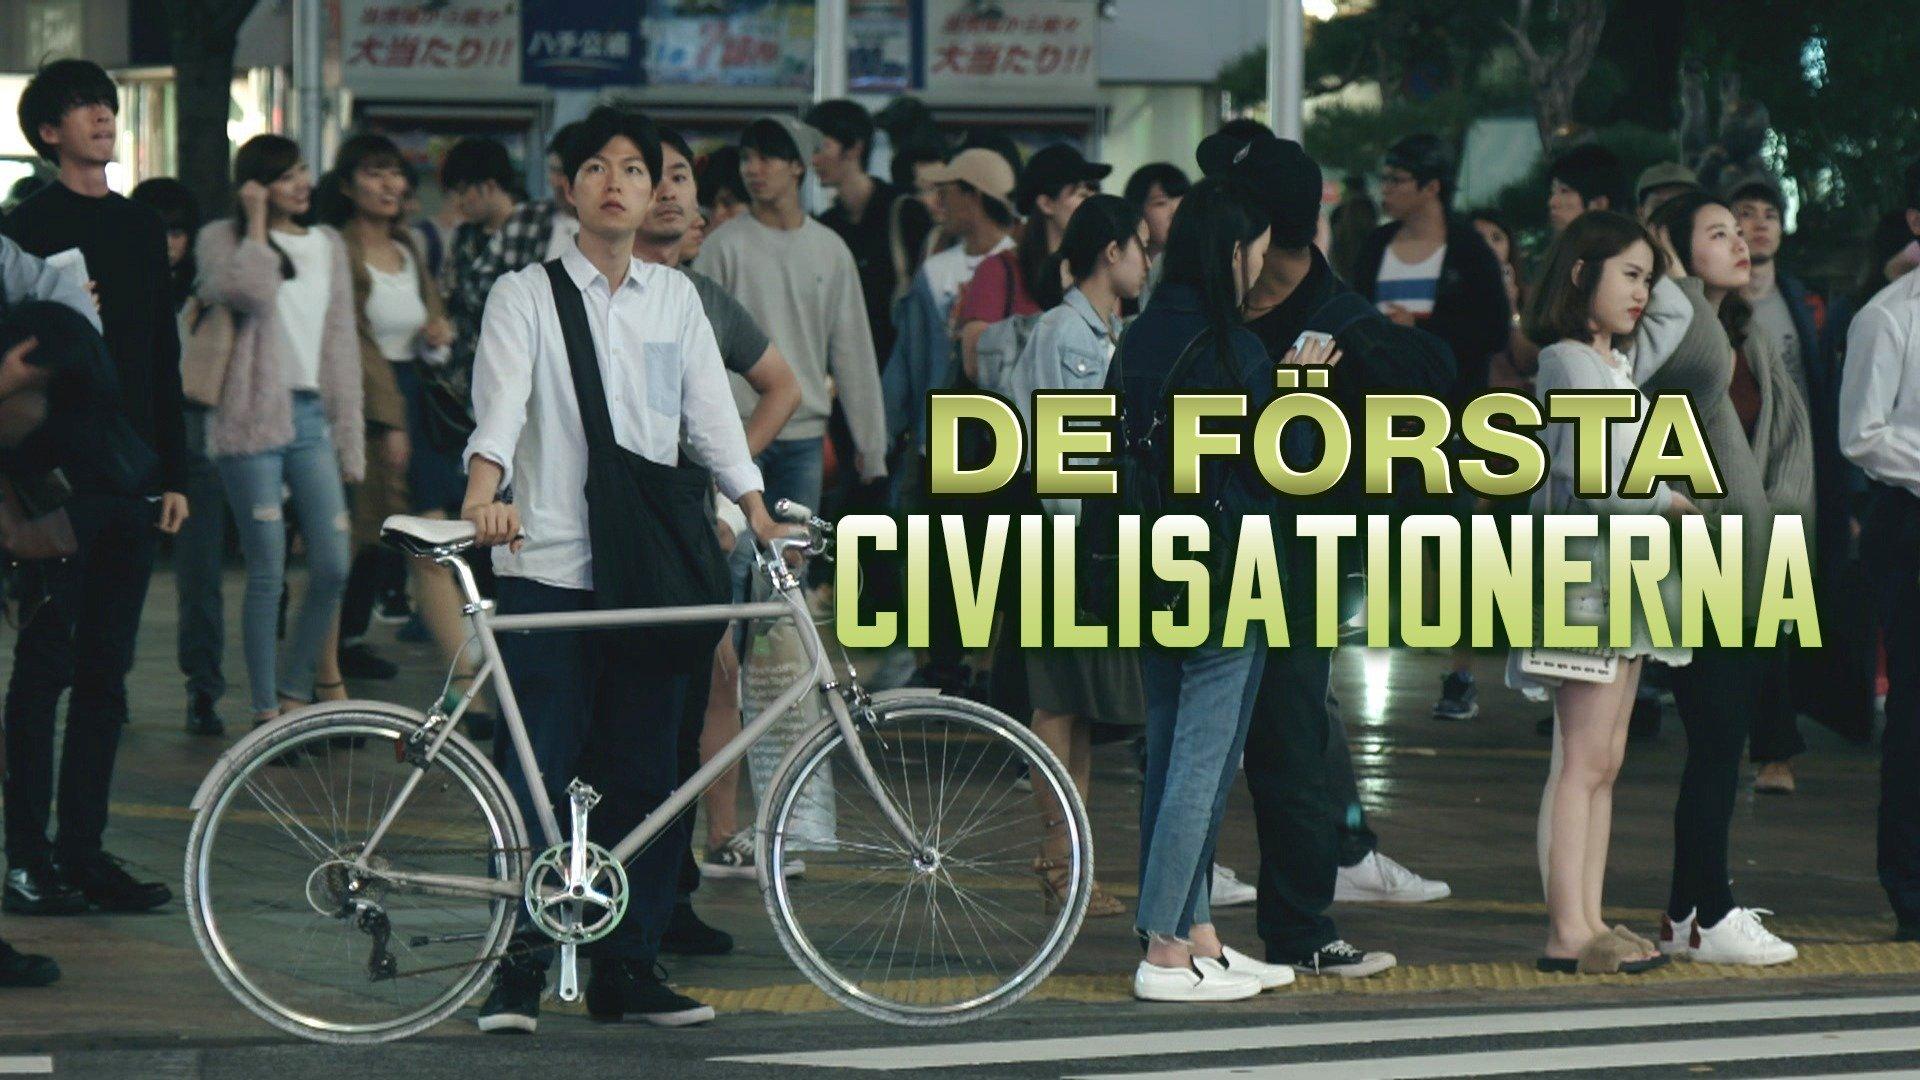 De första civilisationerna